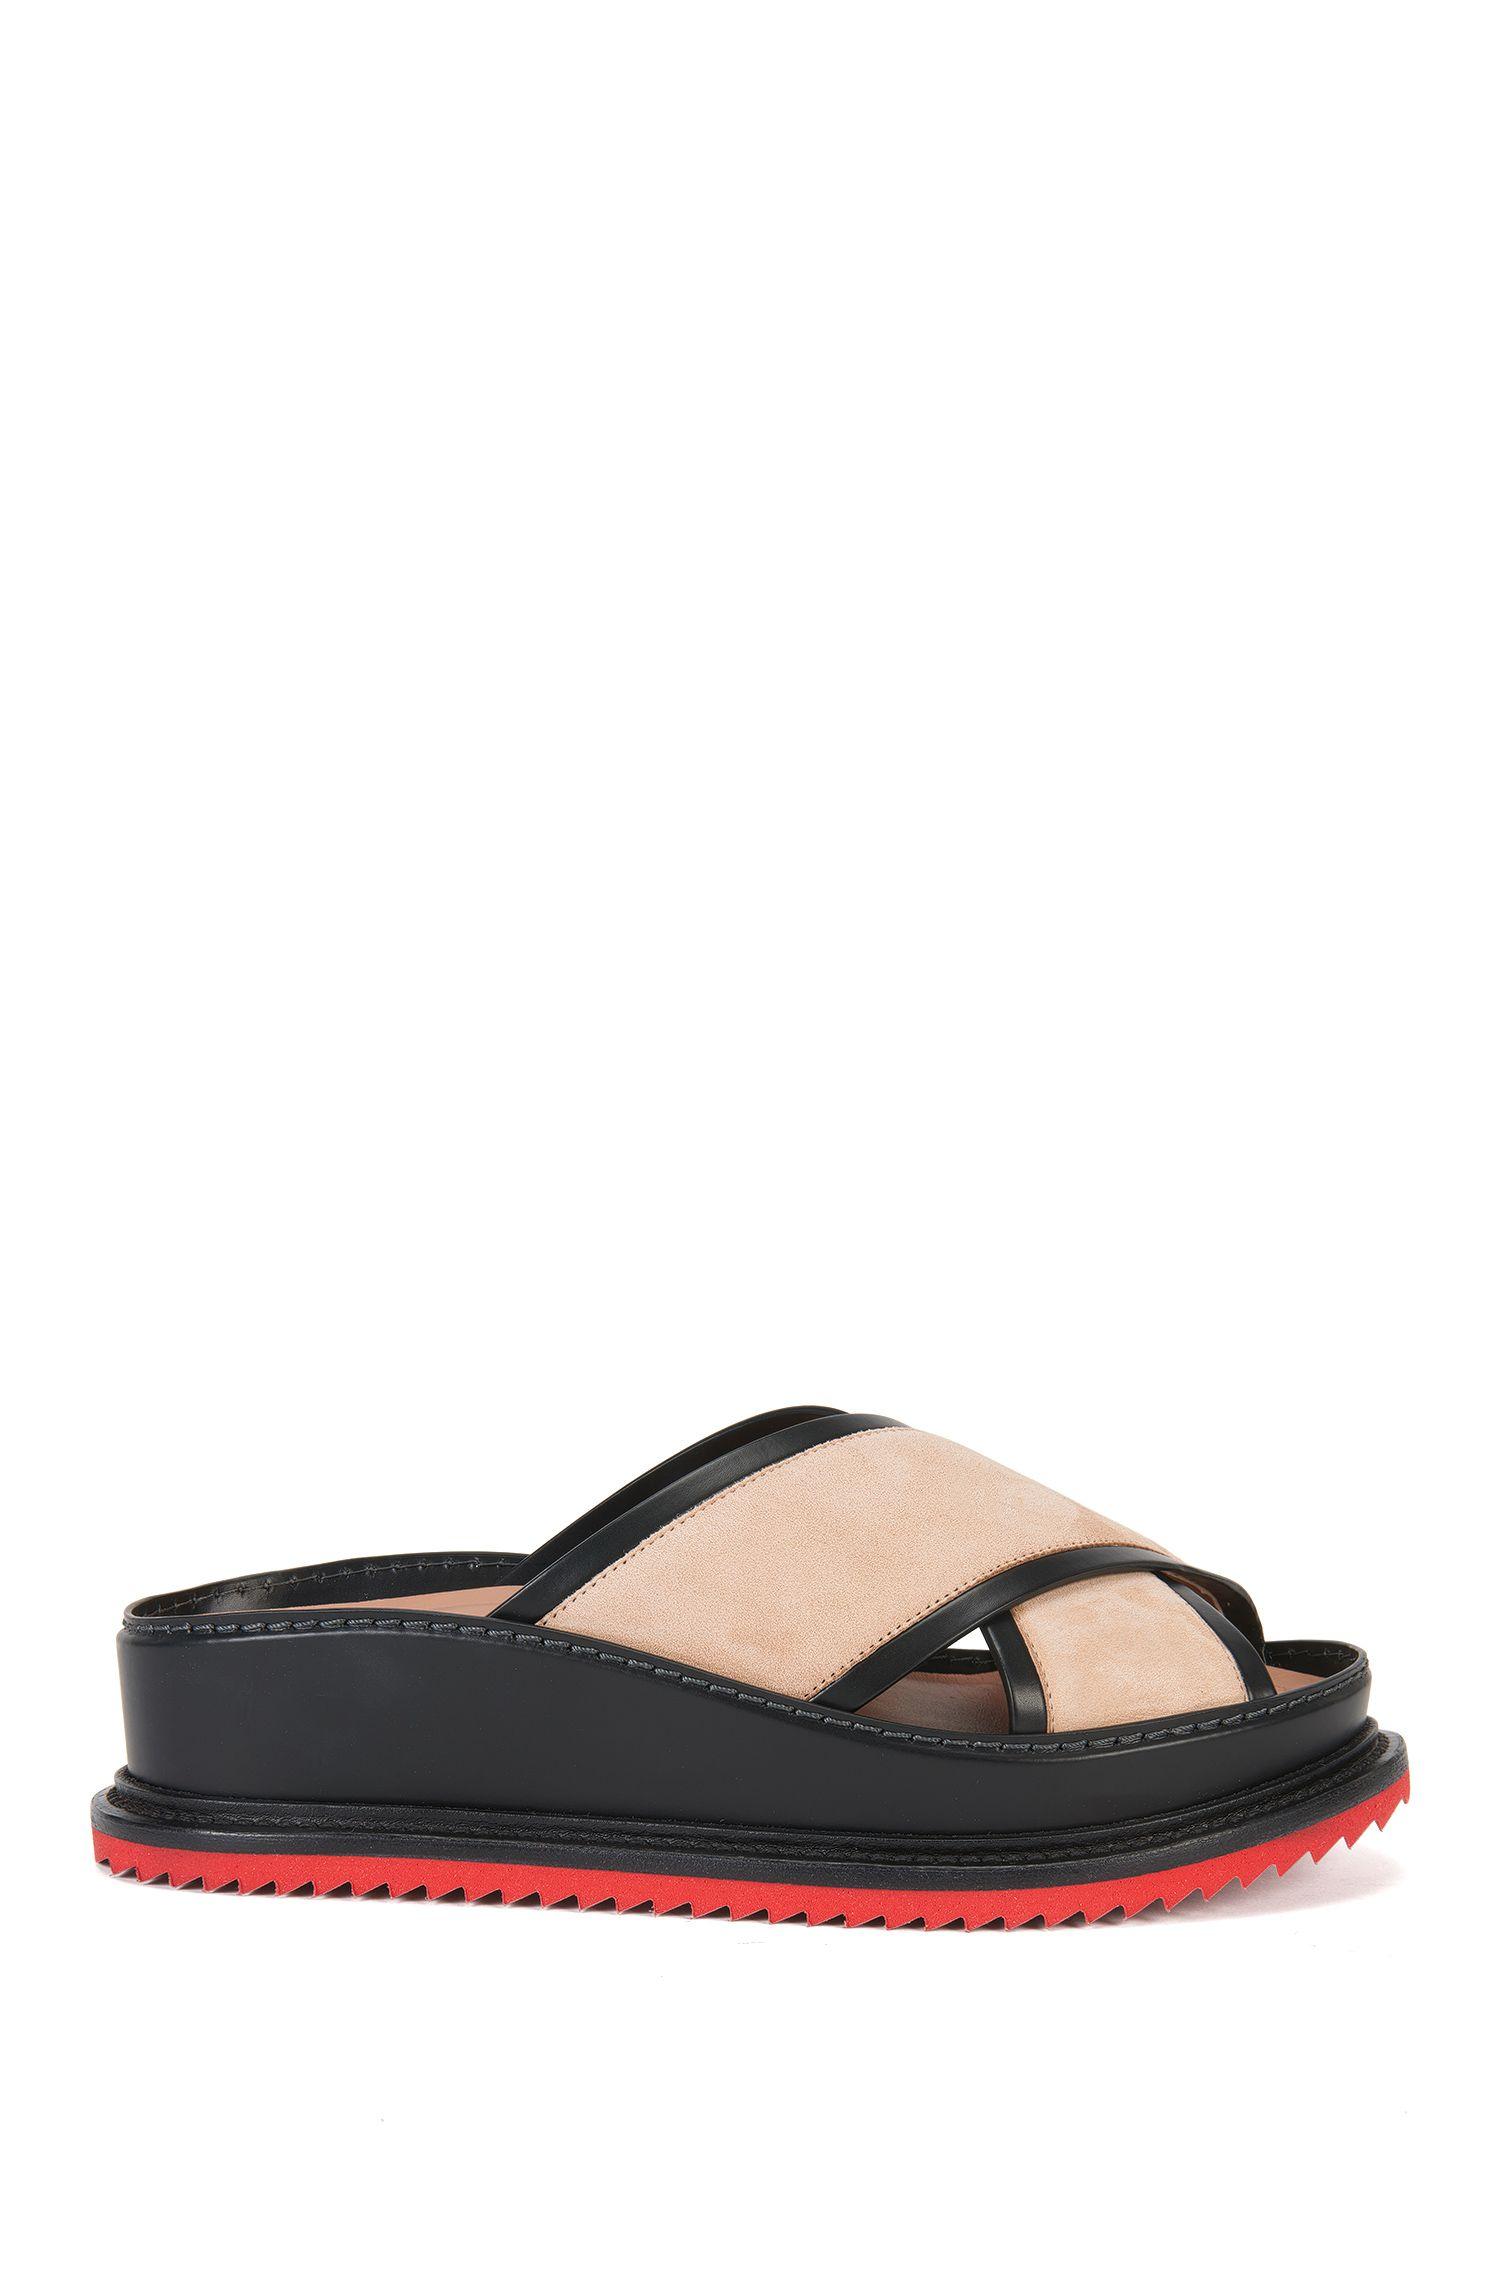 Sandalias de piel en edición especial para pasarela con suela de plataforma: 'Raily Flat Suede'